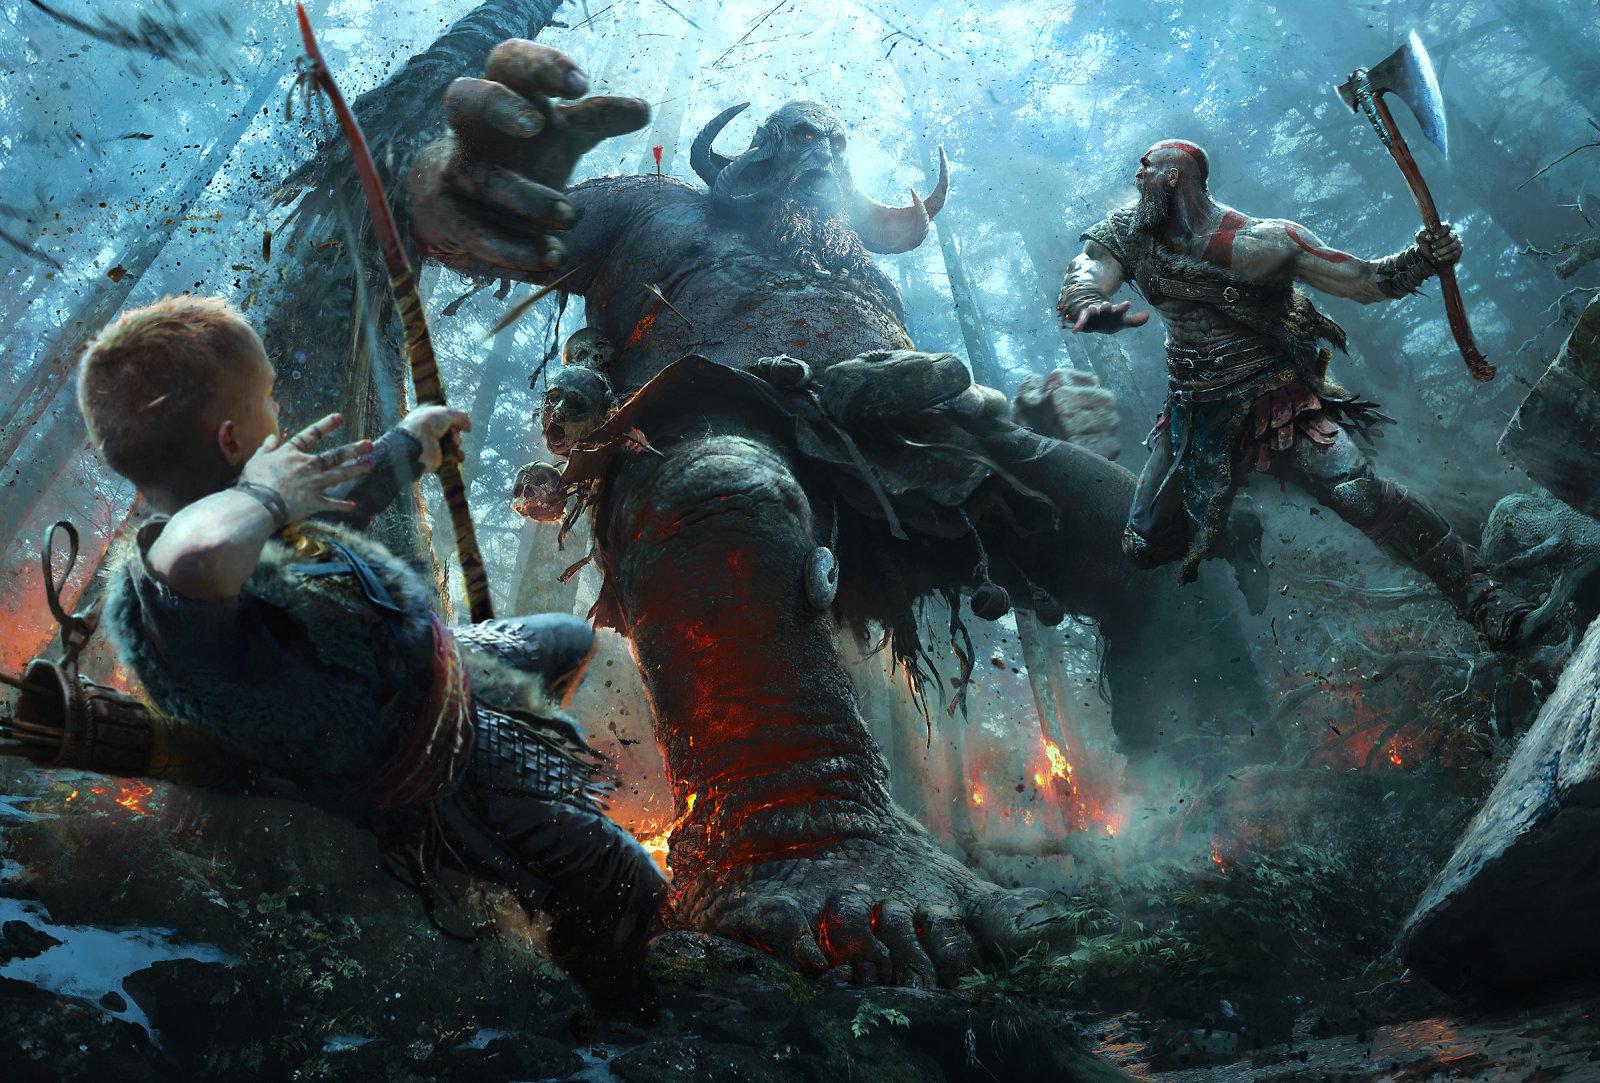 Kotaku:《战神》系列新作已在开发中